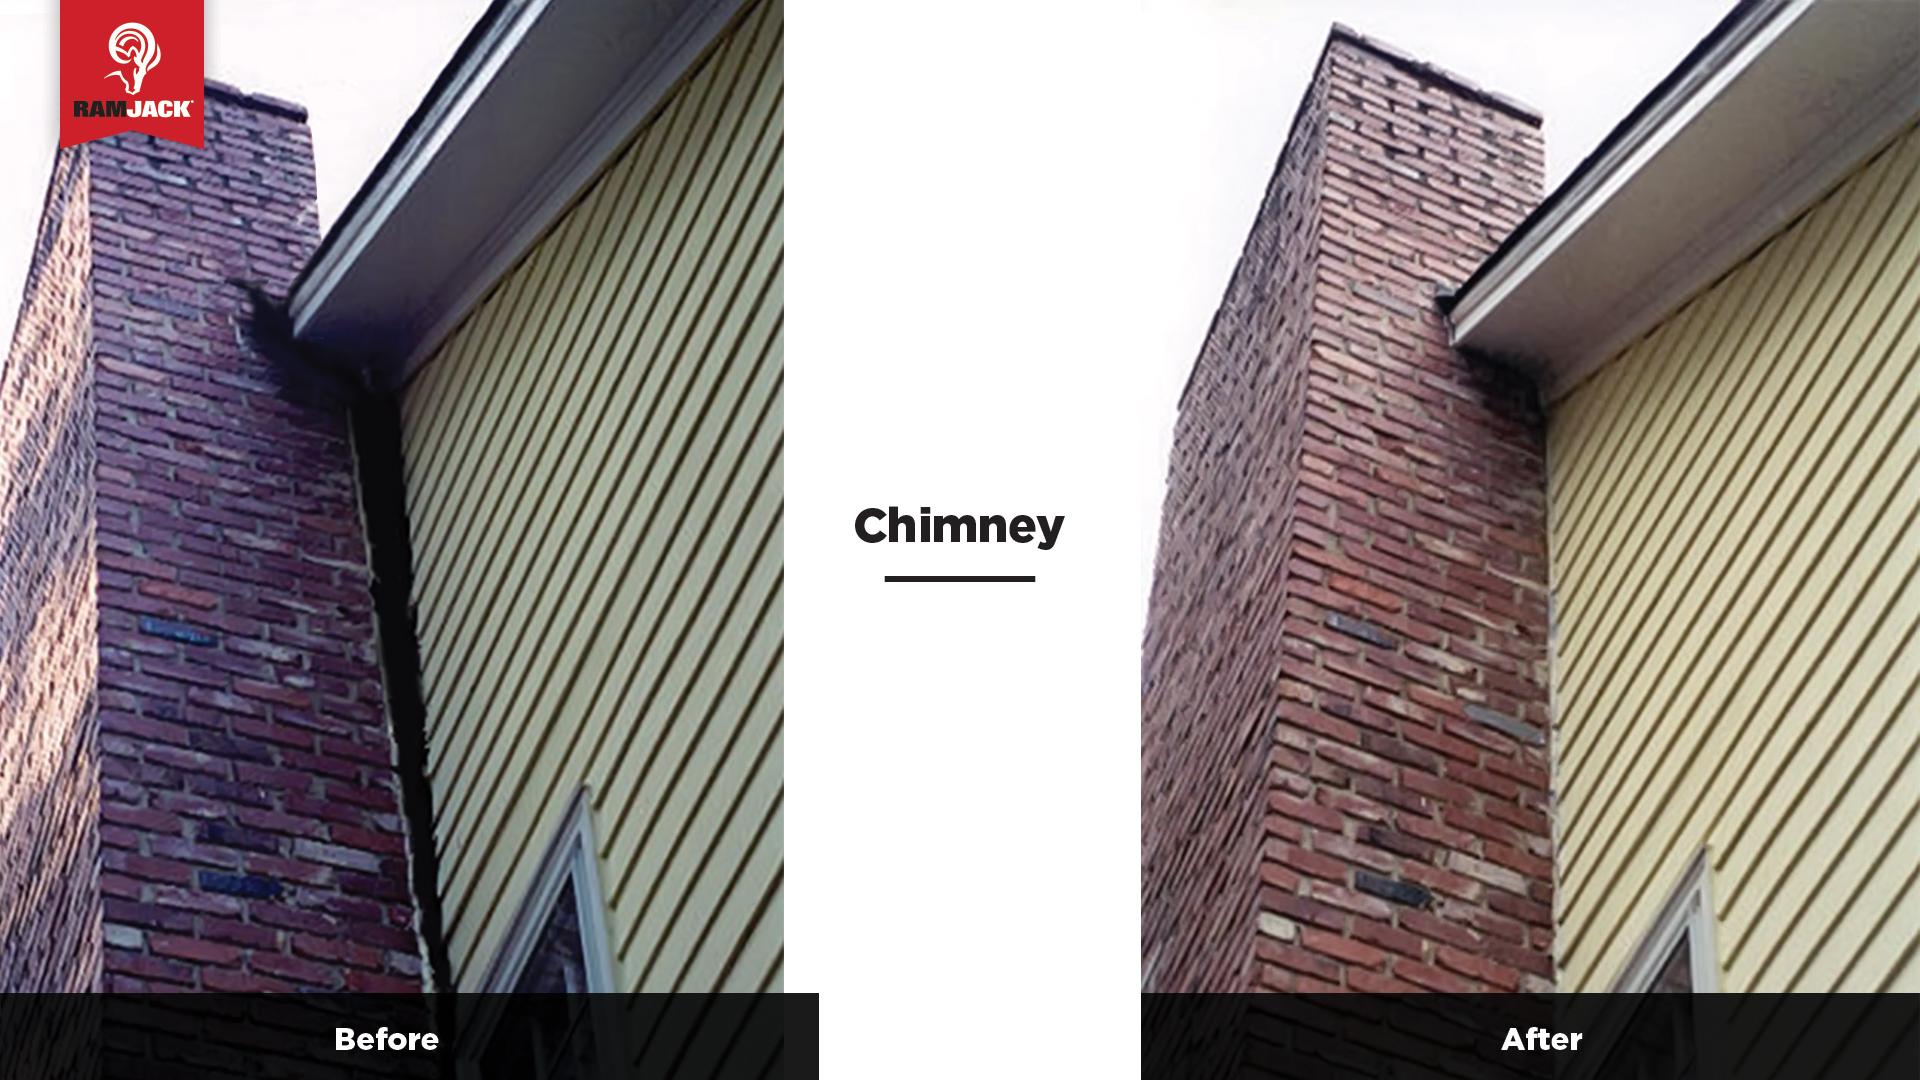 Leaning Chimney Repair Foundation Repair Experts